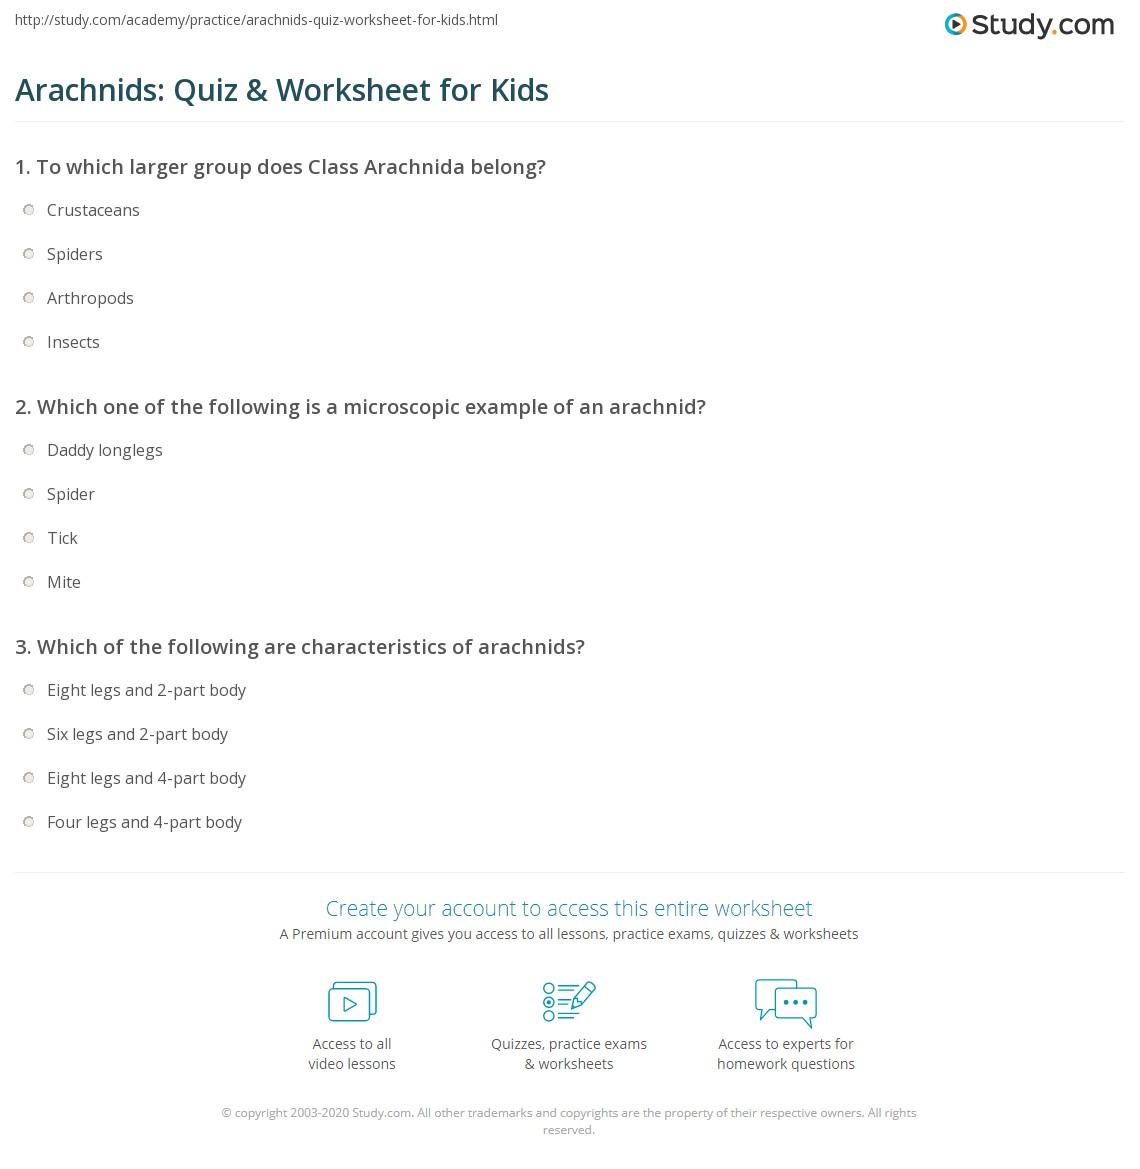 Arachnids Quiz Amp Worksheet For Kids